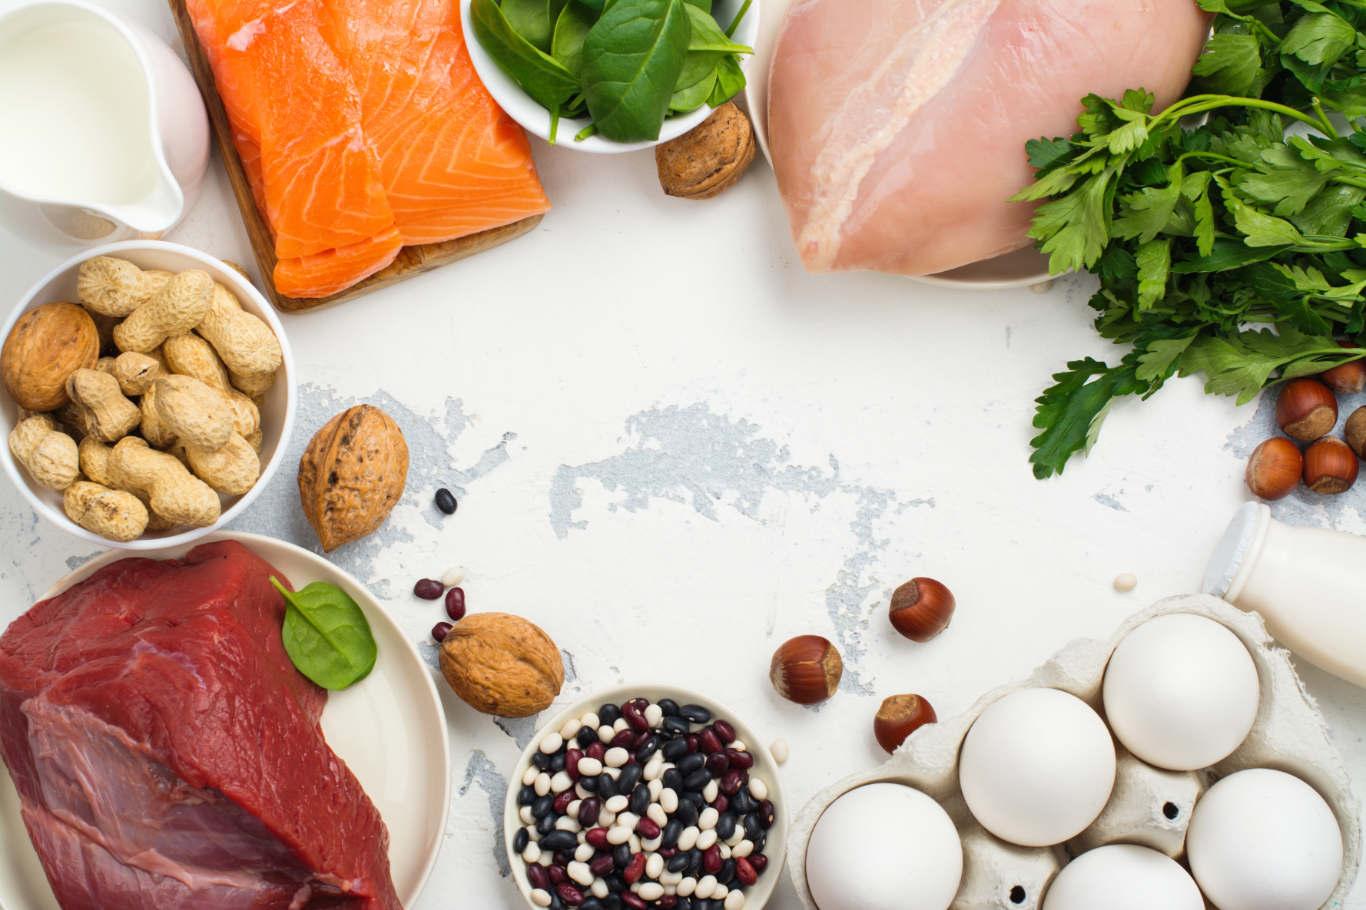 Ketahui Dampak Buruk Diet Tinggi Protein dan Rendah Karbohidrat